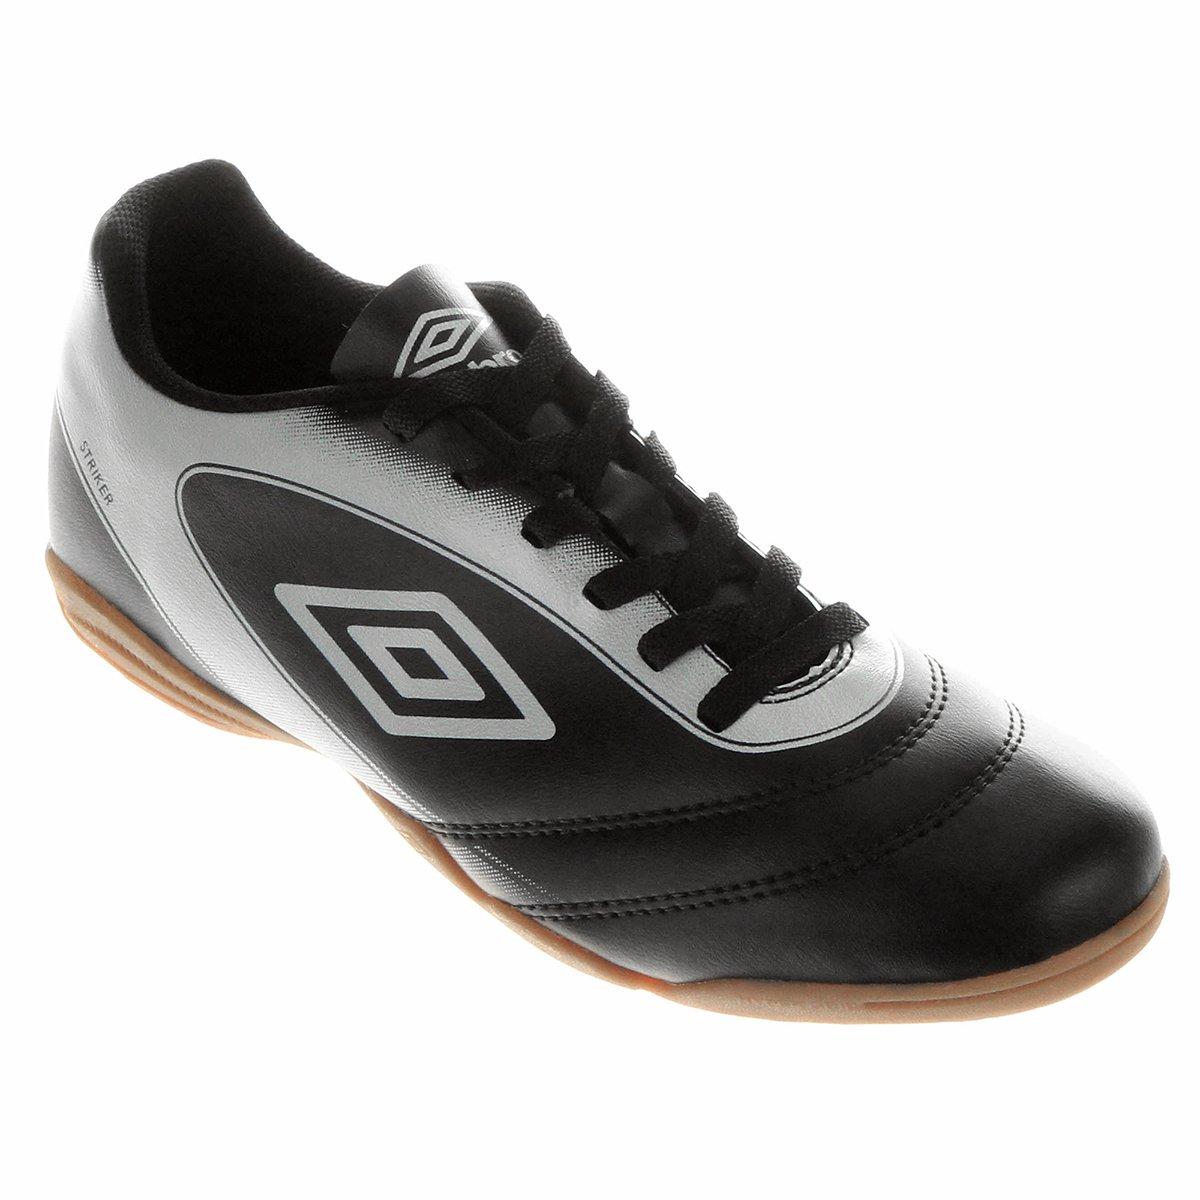 Chuteira Umbro Striker 2 Futsal - Compre Agora  b1922de41d9bd